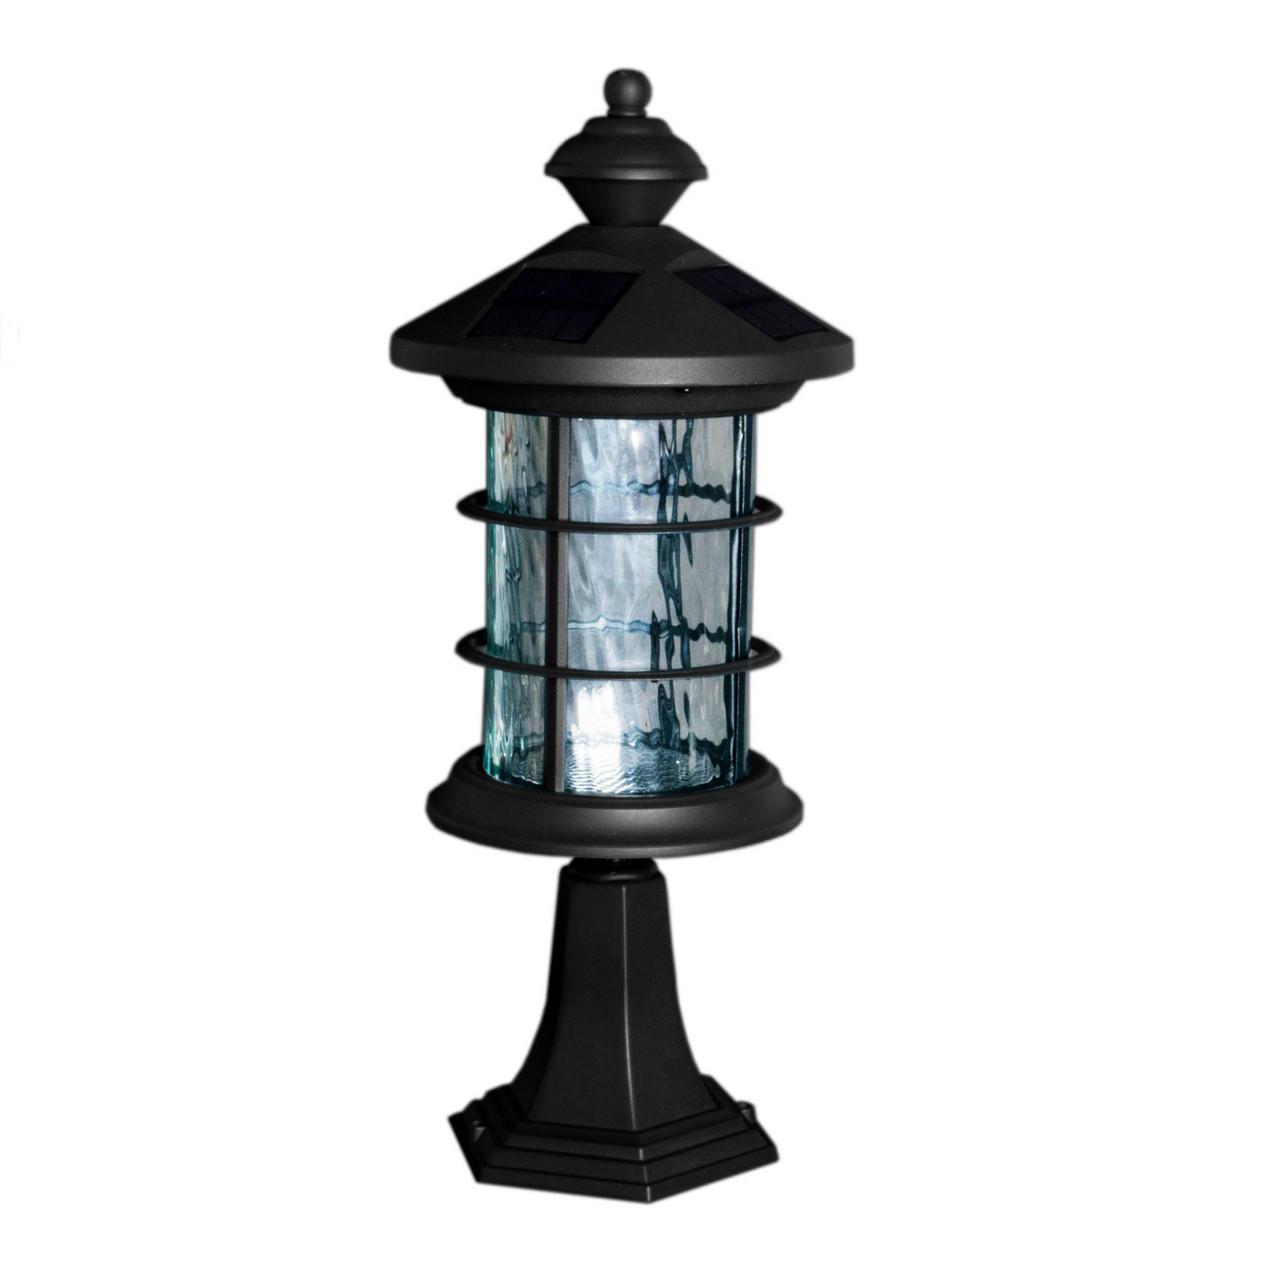 Classy Caps' Hampton Black Aluminum Solar Lamp with Post Mount